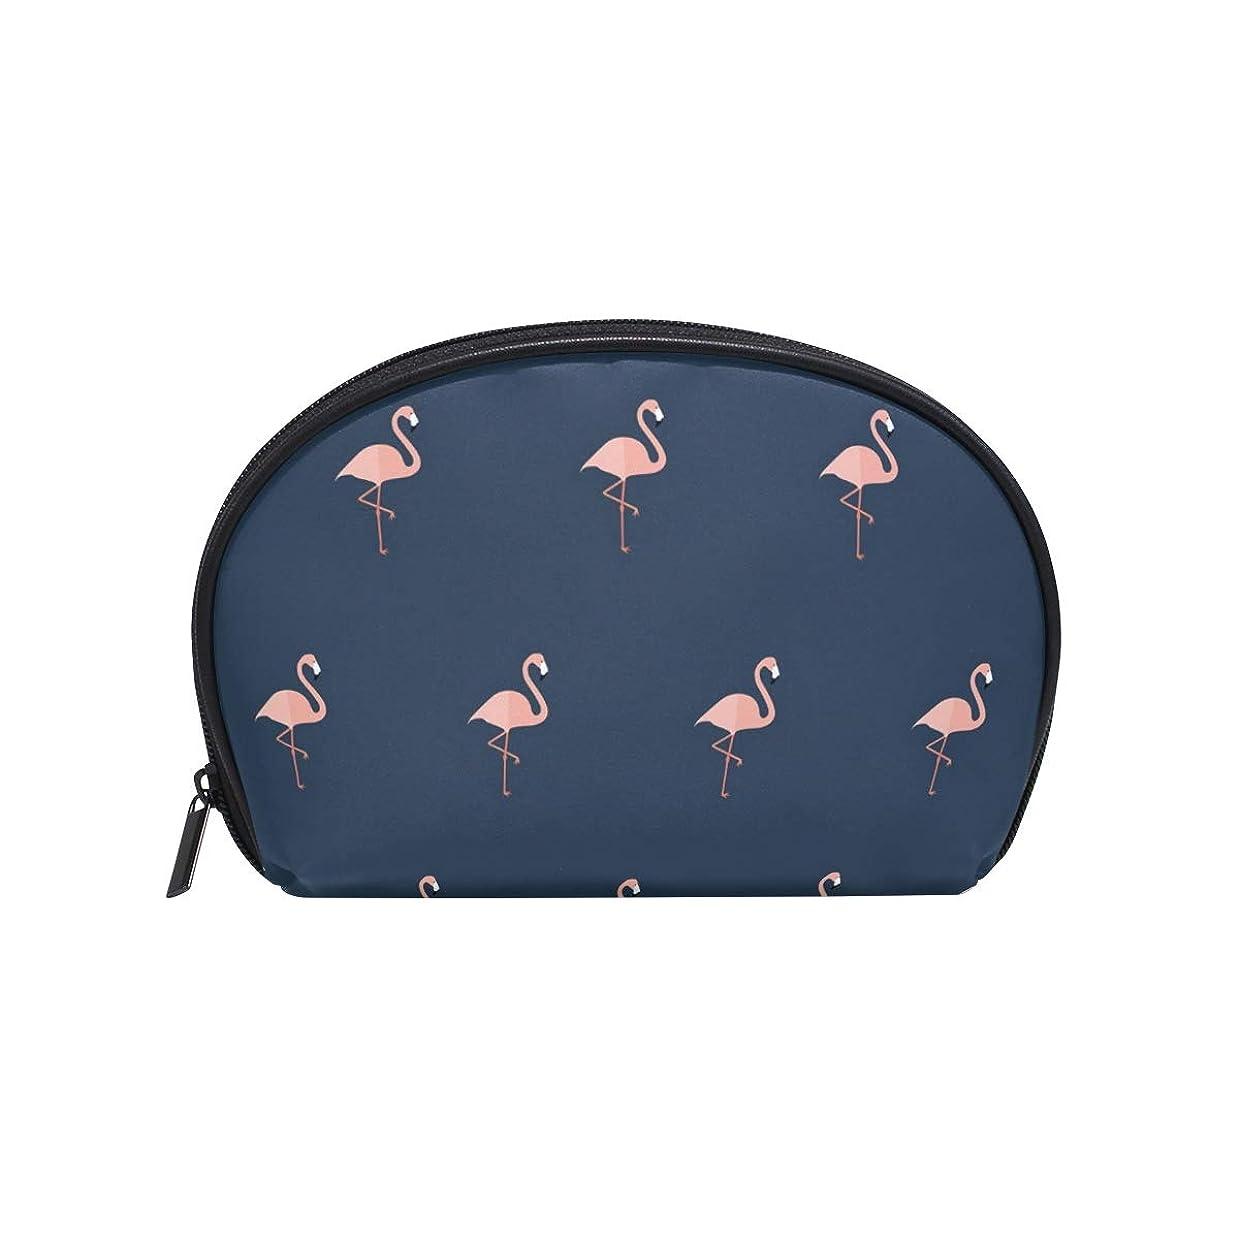 ルーム学んだインシュレータ半月型 フラミンゴ柄 鳥動物柄 ブルーピンク 化粧ポーチ コスメポーチ コスメバッグ メイクポーチ 大容量 旅行 小物入れ